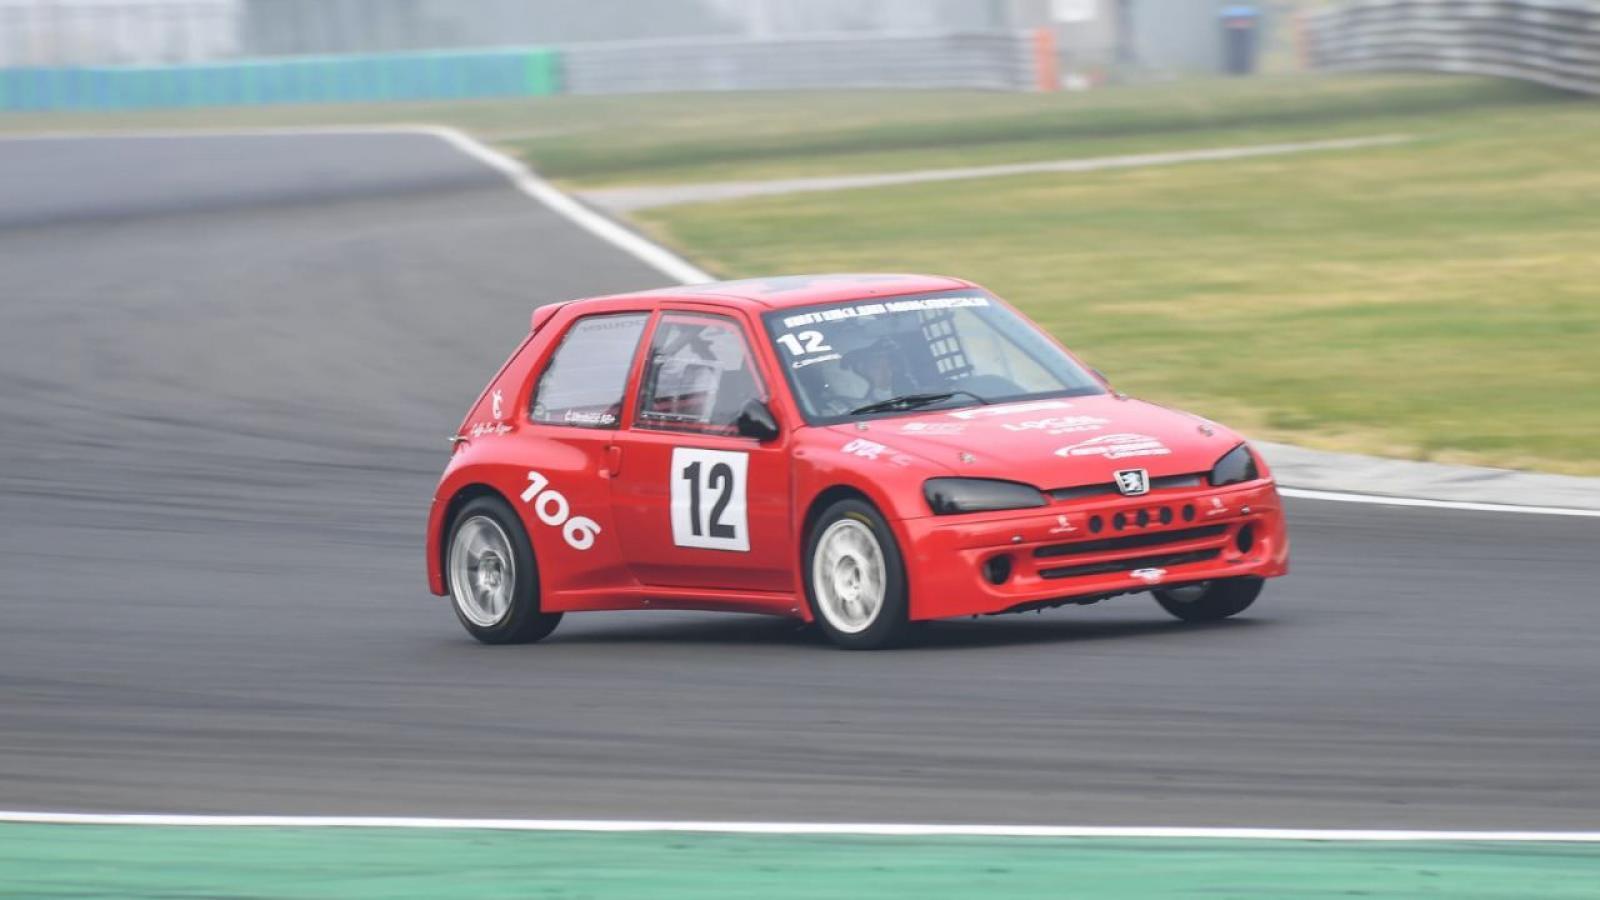 Peugeot 106 Maxi - 1